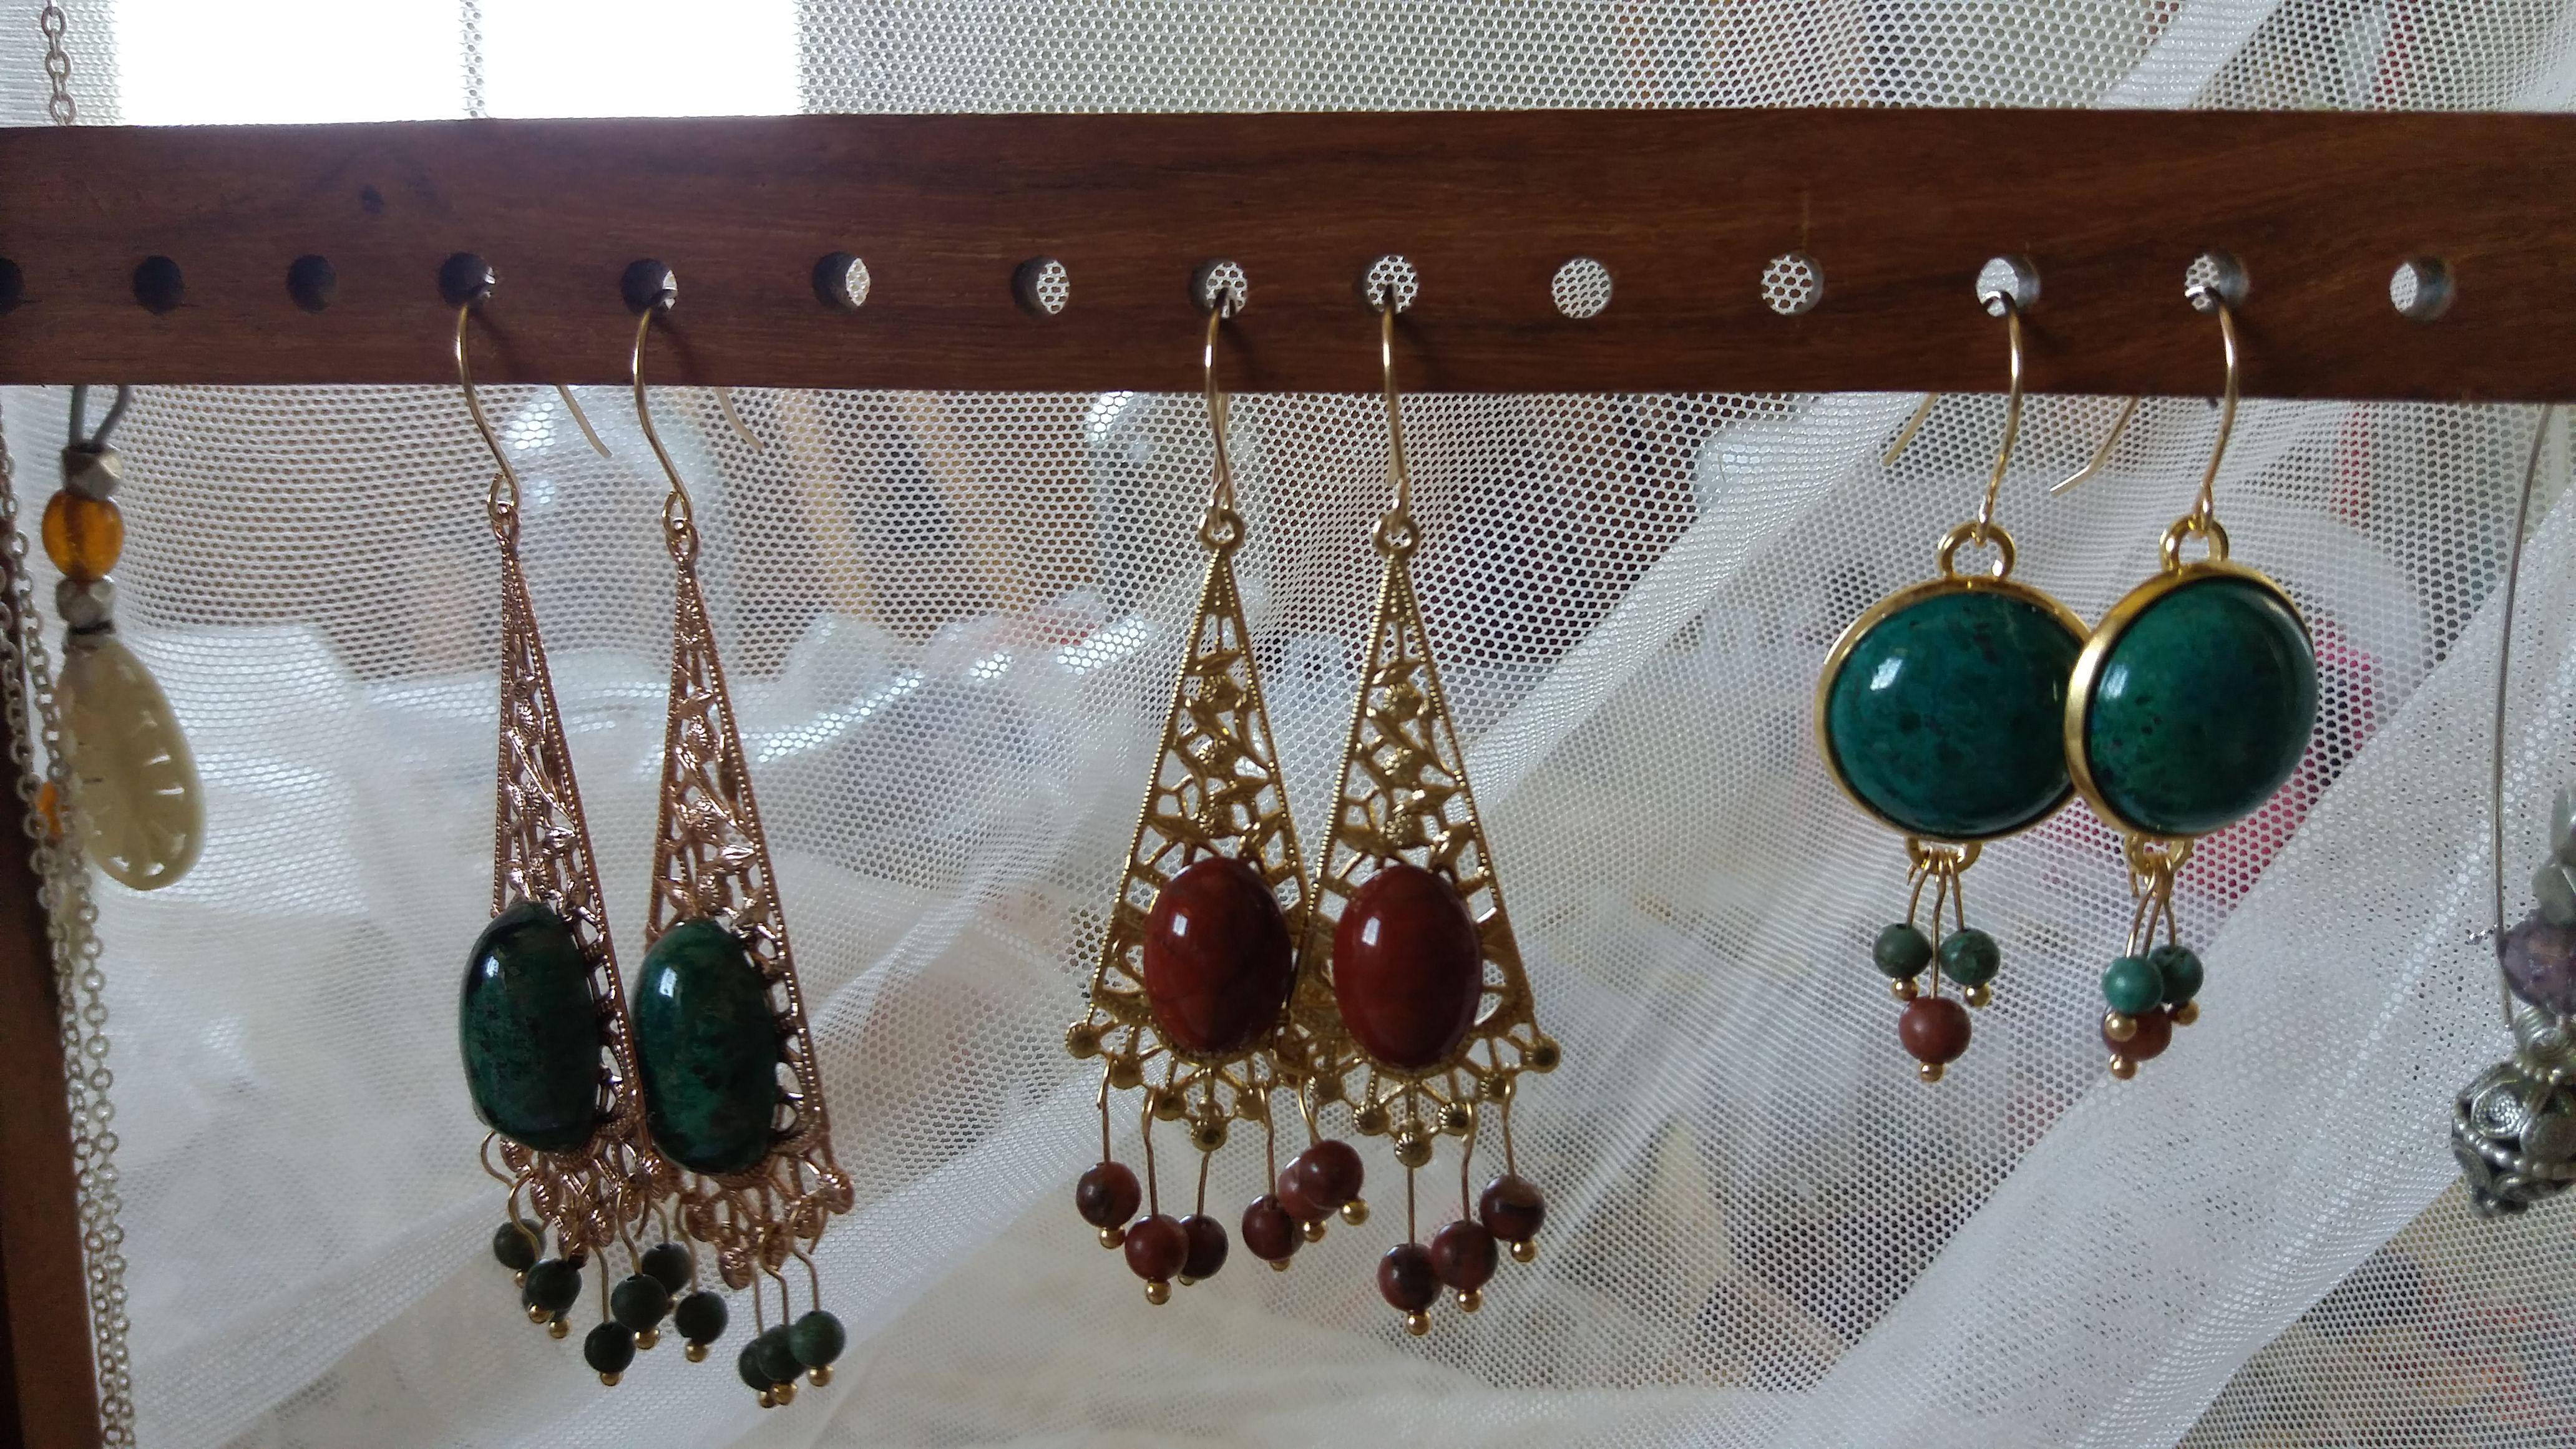 זוג עגילים עבודת יד מחרוזים עתיקים - דפנה לבנון